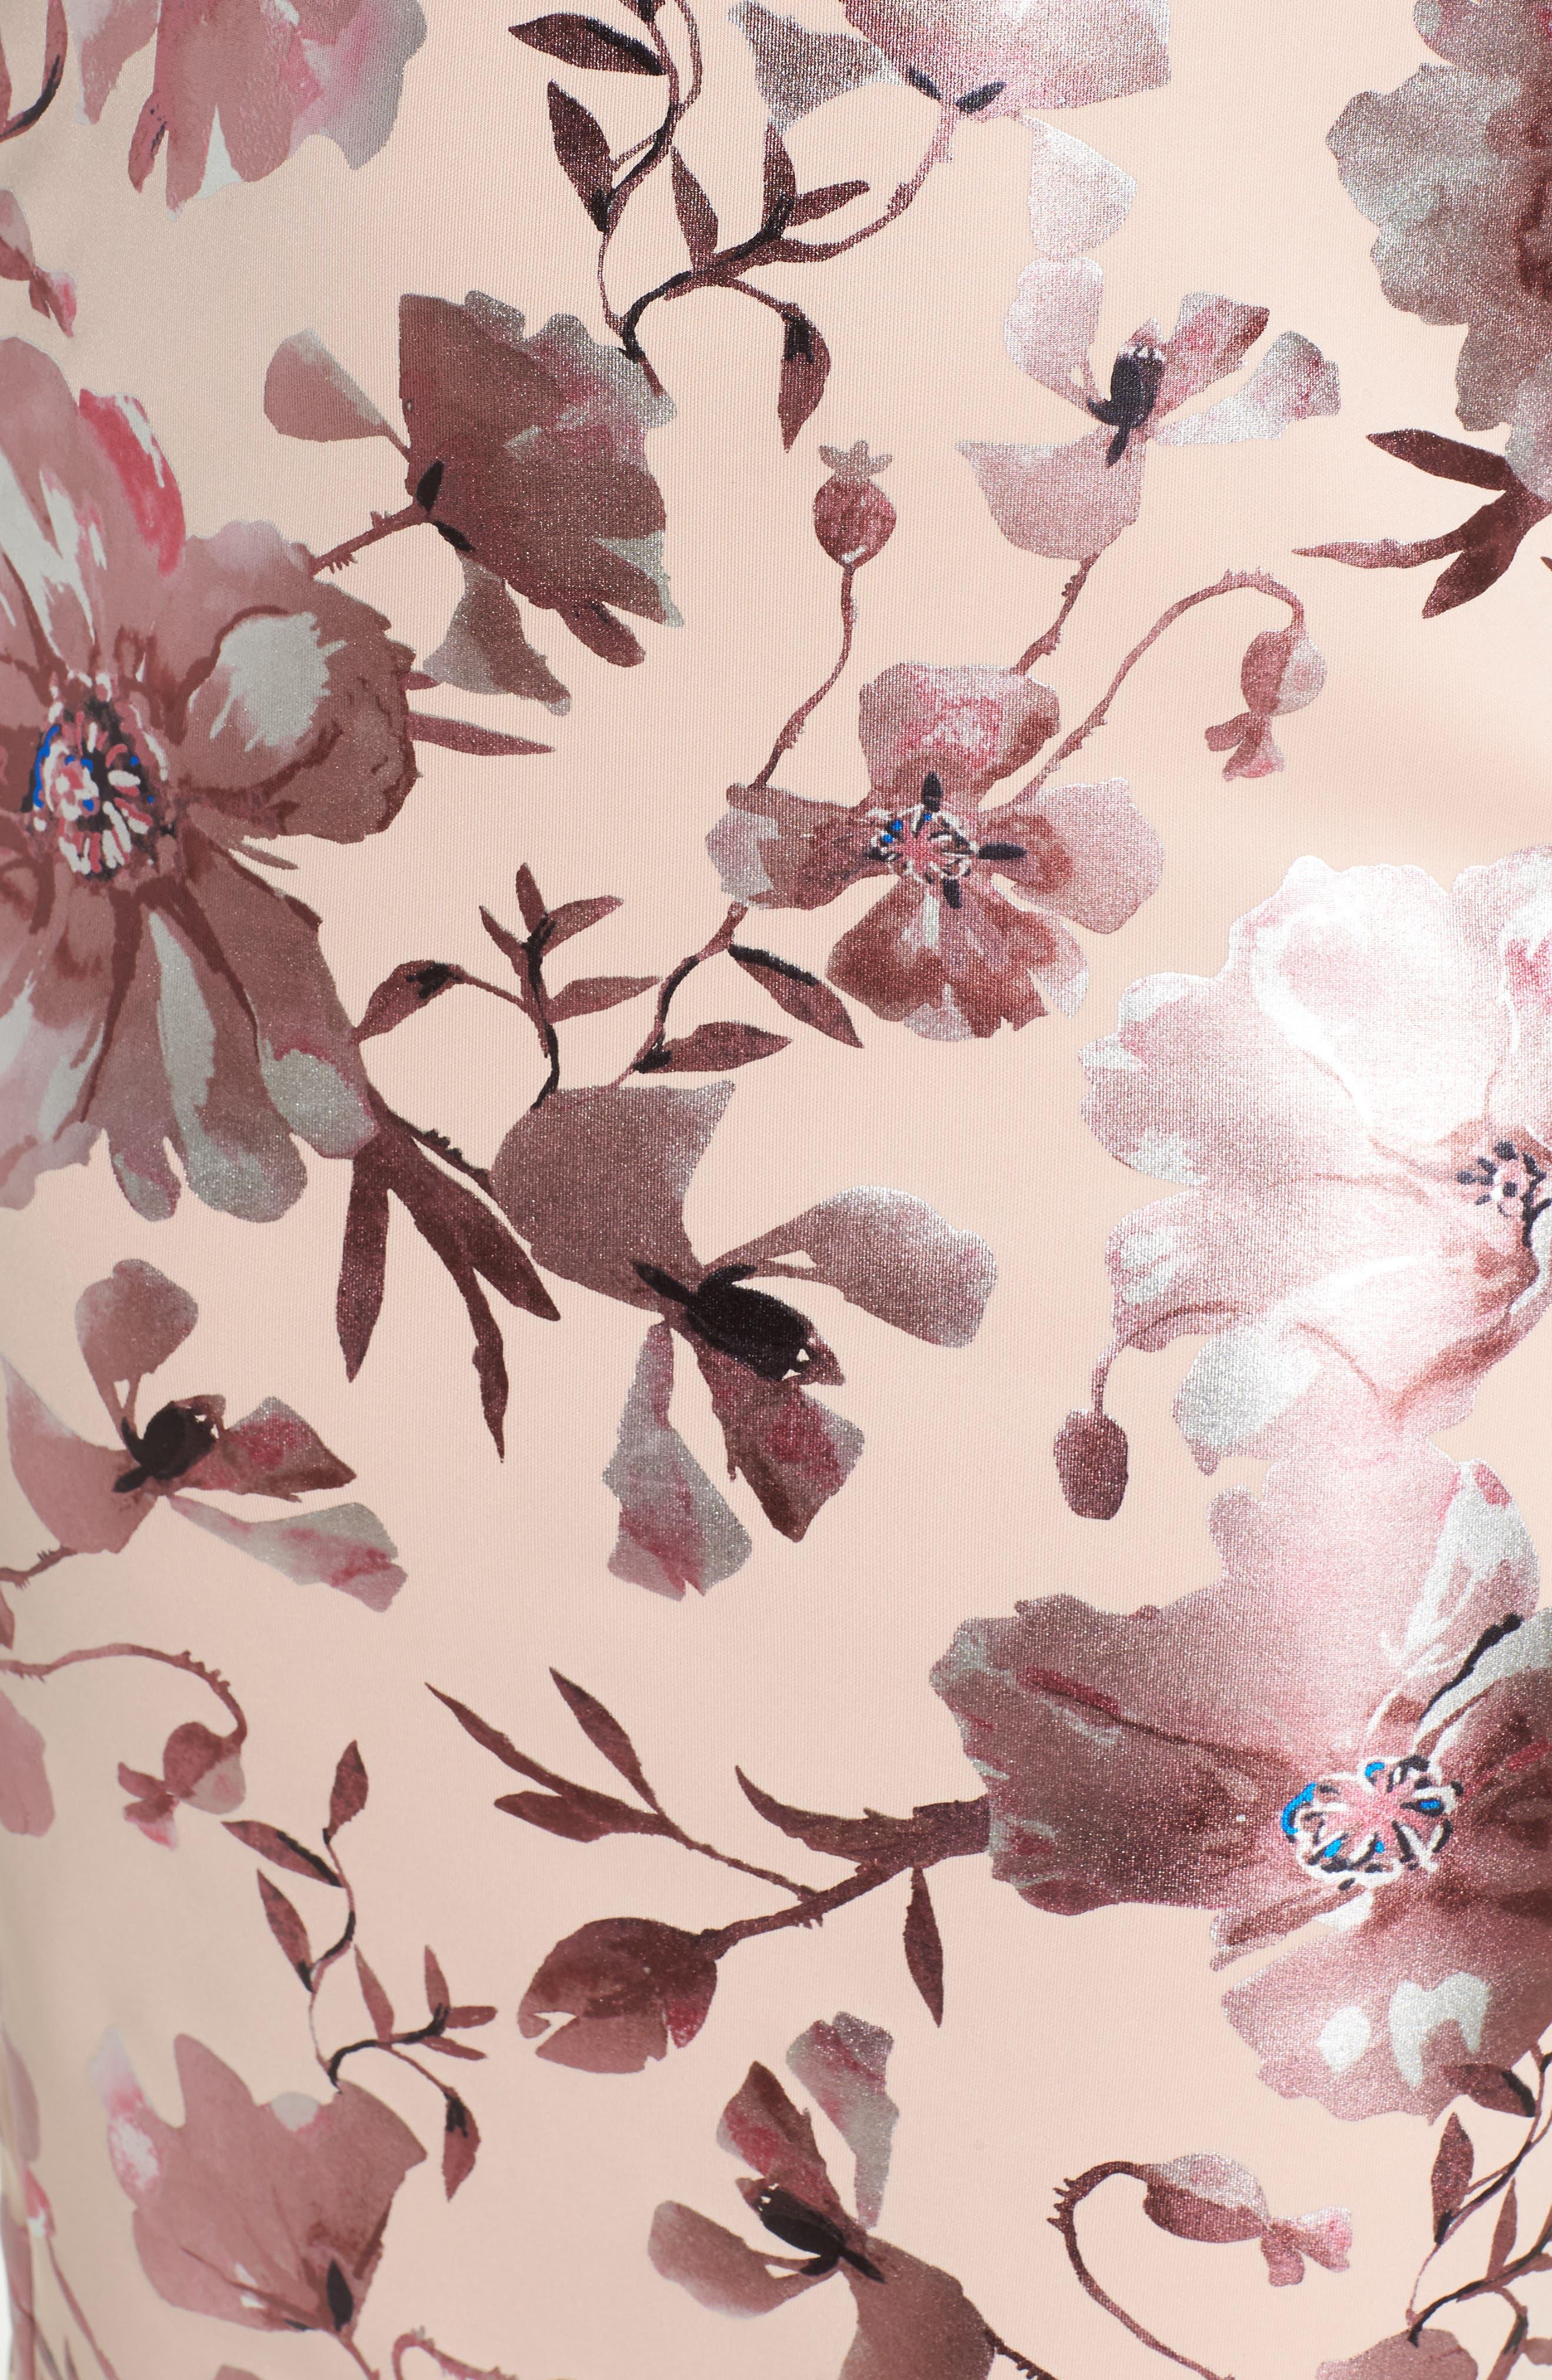 Foil Print Sheath Dress,                             Alternate thumbnail 5, color,                             650